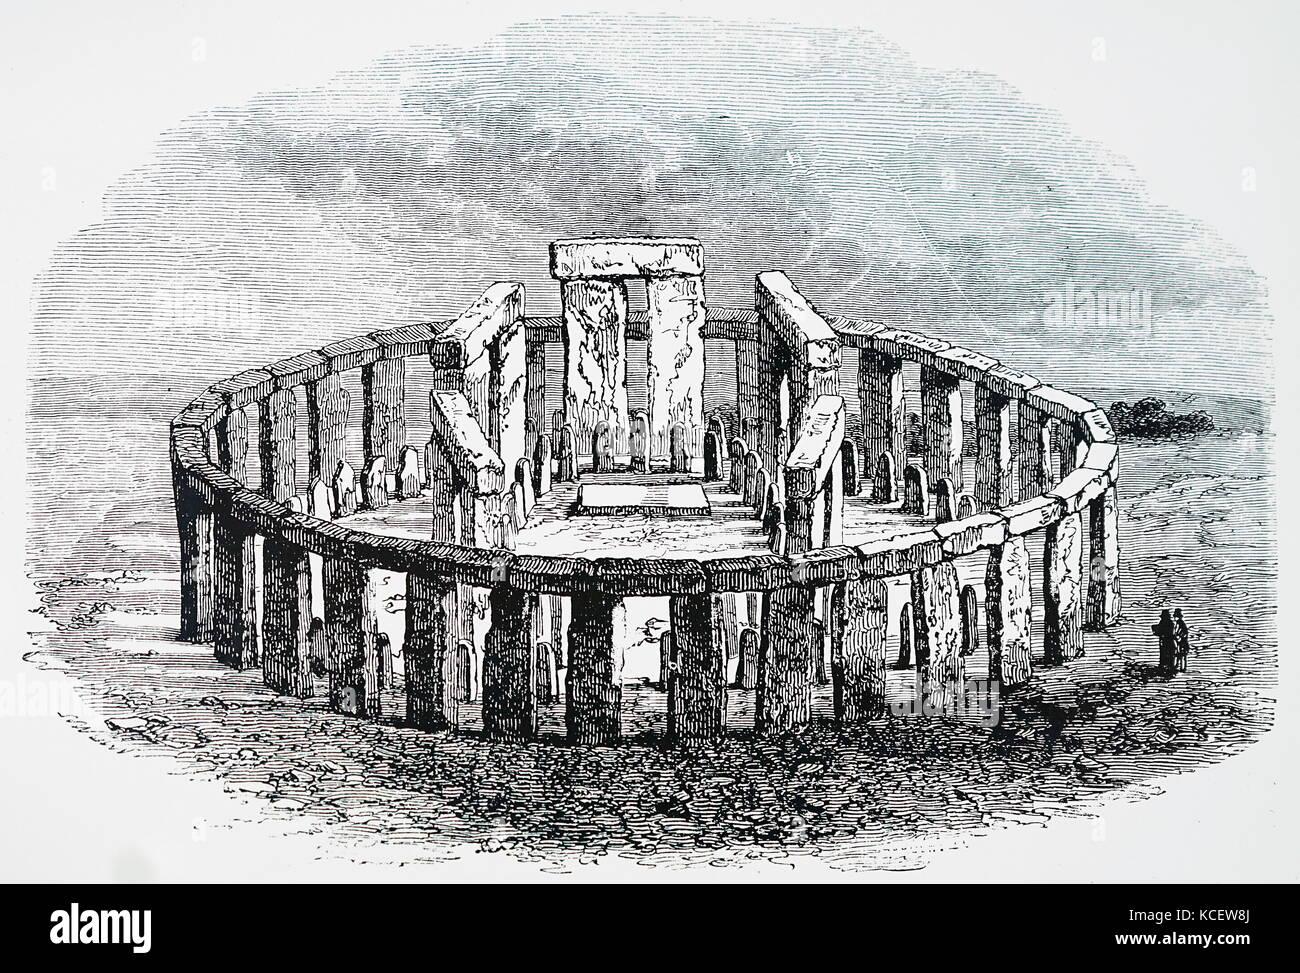 Impression de Stonehenge qu'il le serait si en date du 19e siècle restauré. Photo Stock